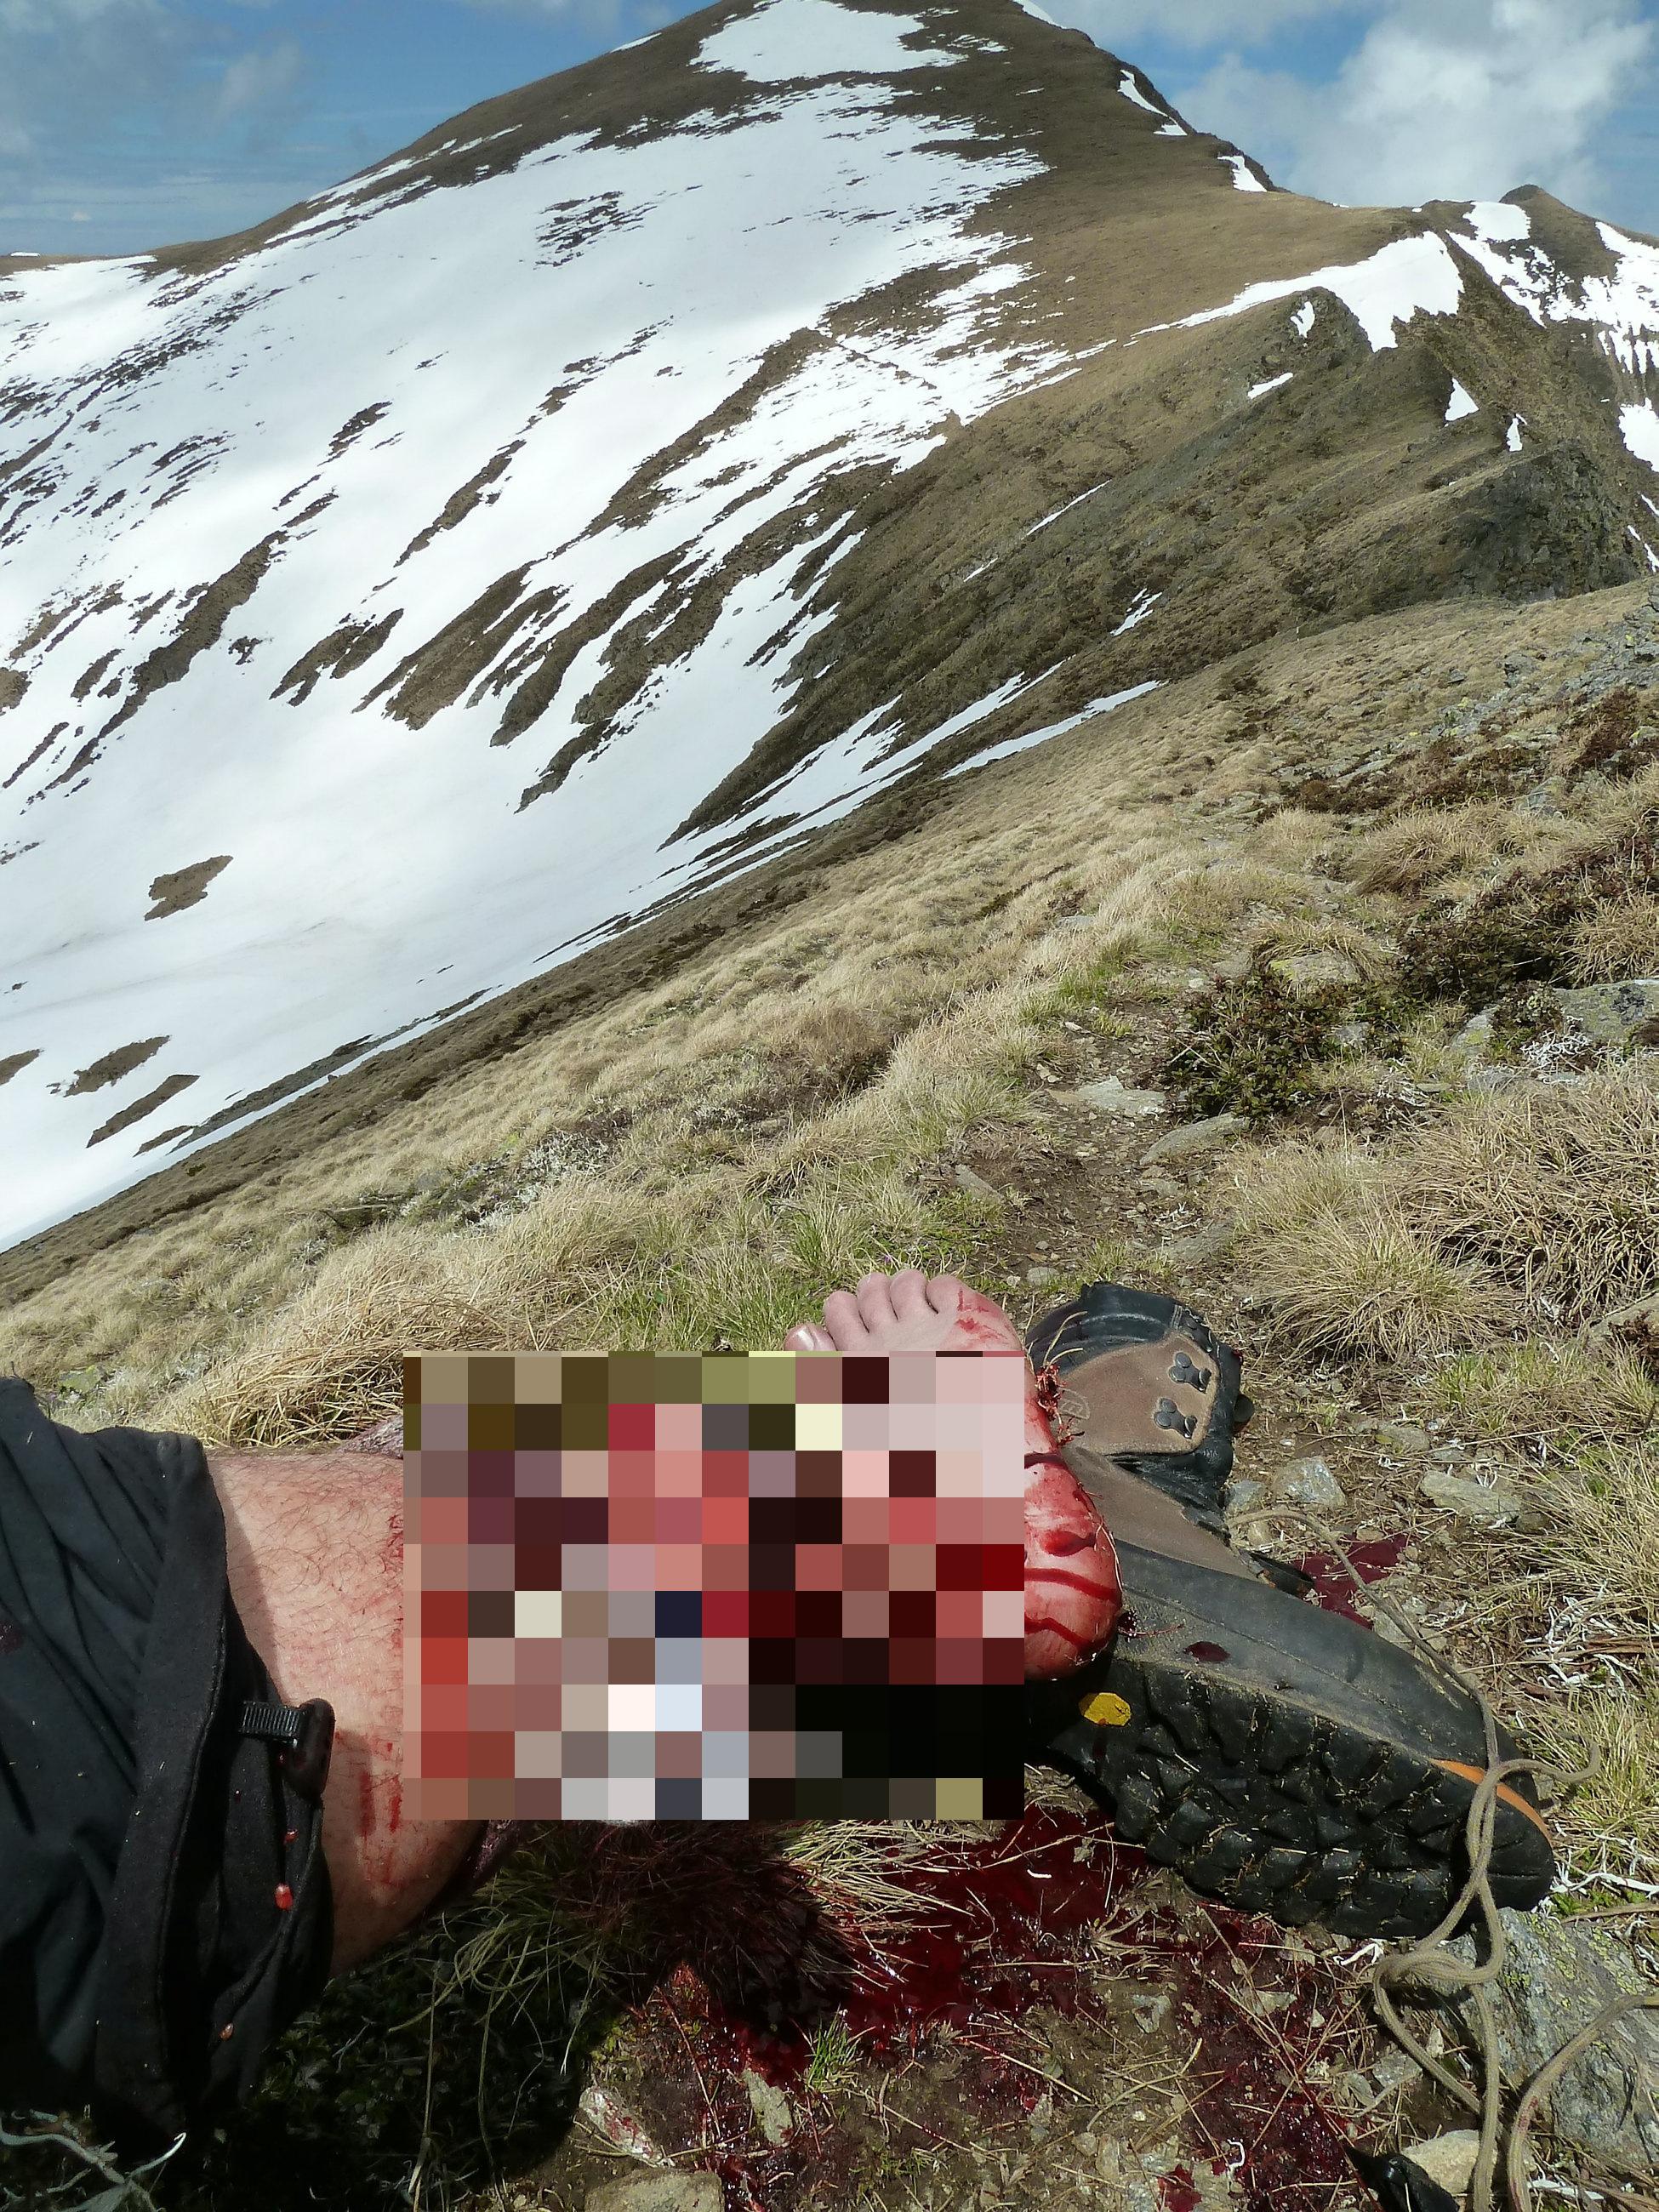 Đang đi chơi với gấu thì bị gấu tấn công, thanh niên đấm nó không trượt phát nào - Ảnh 2.